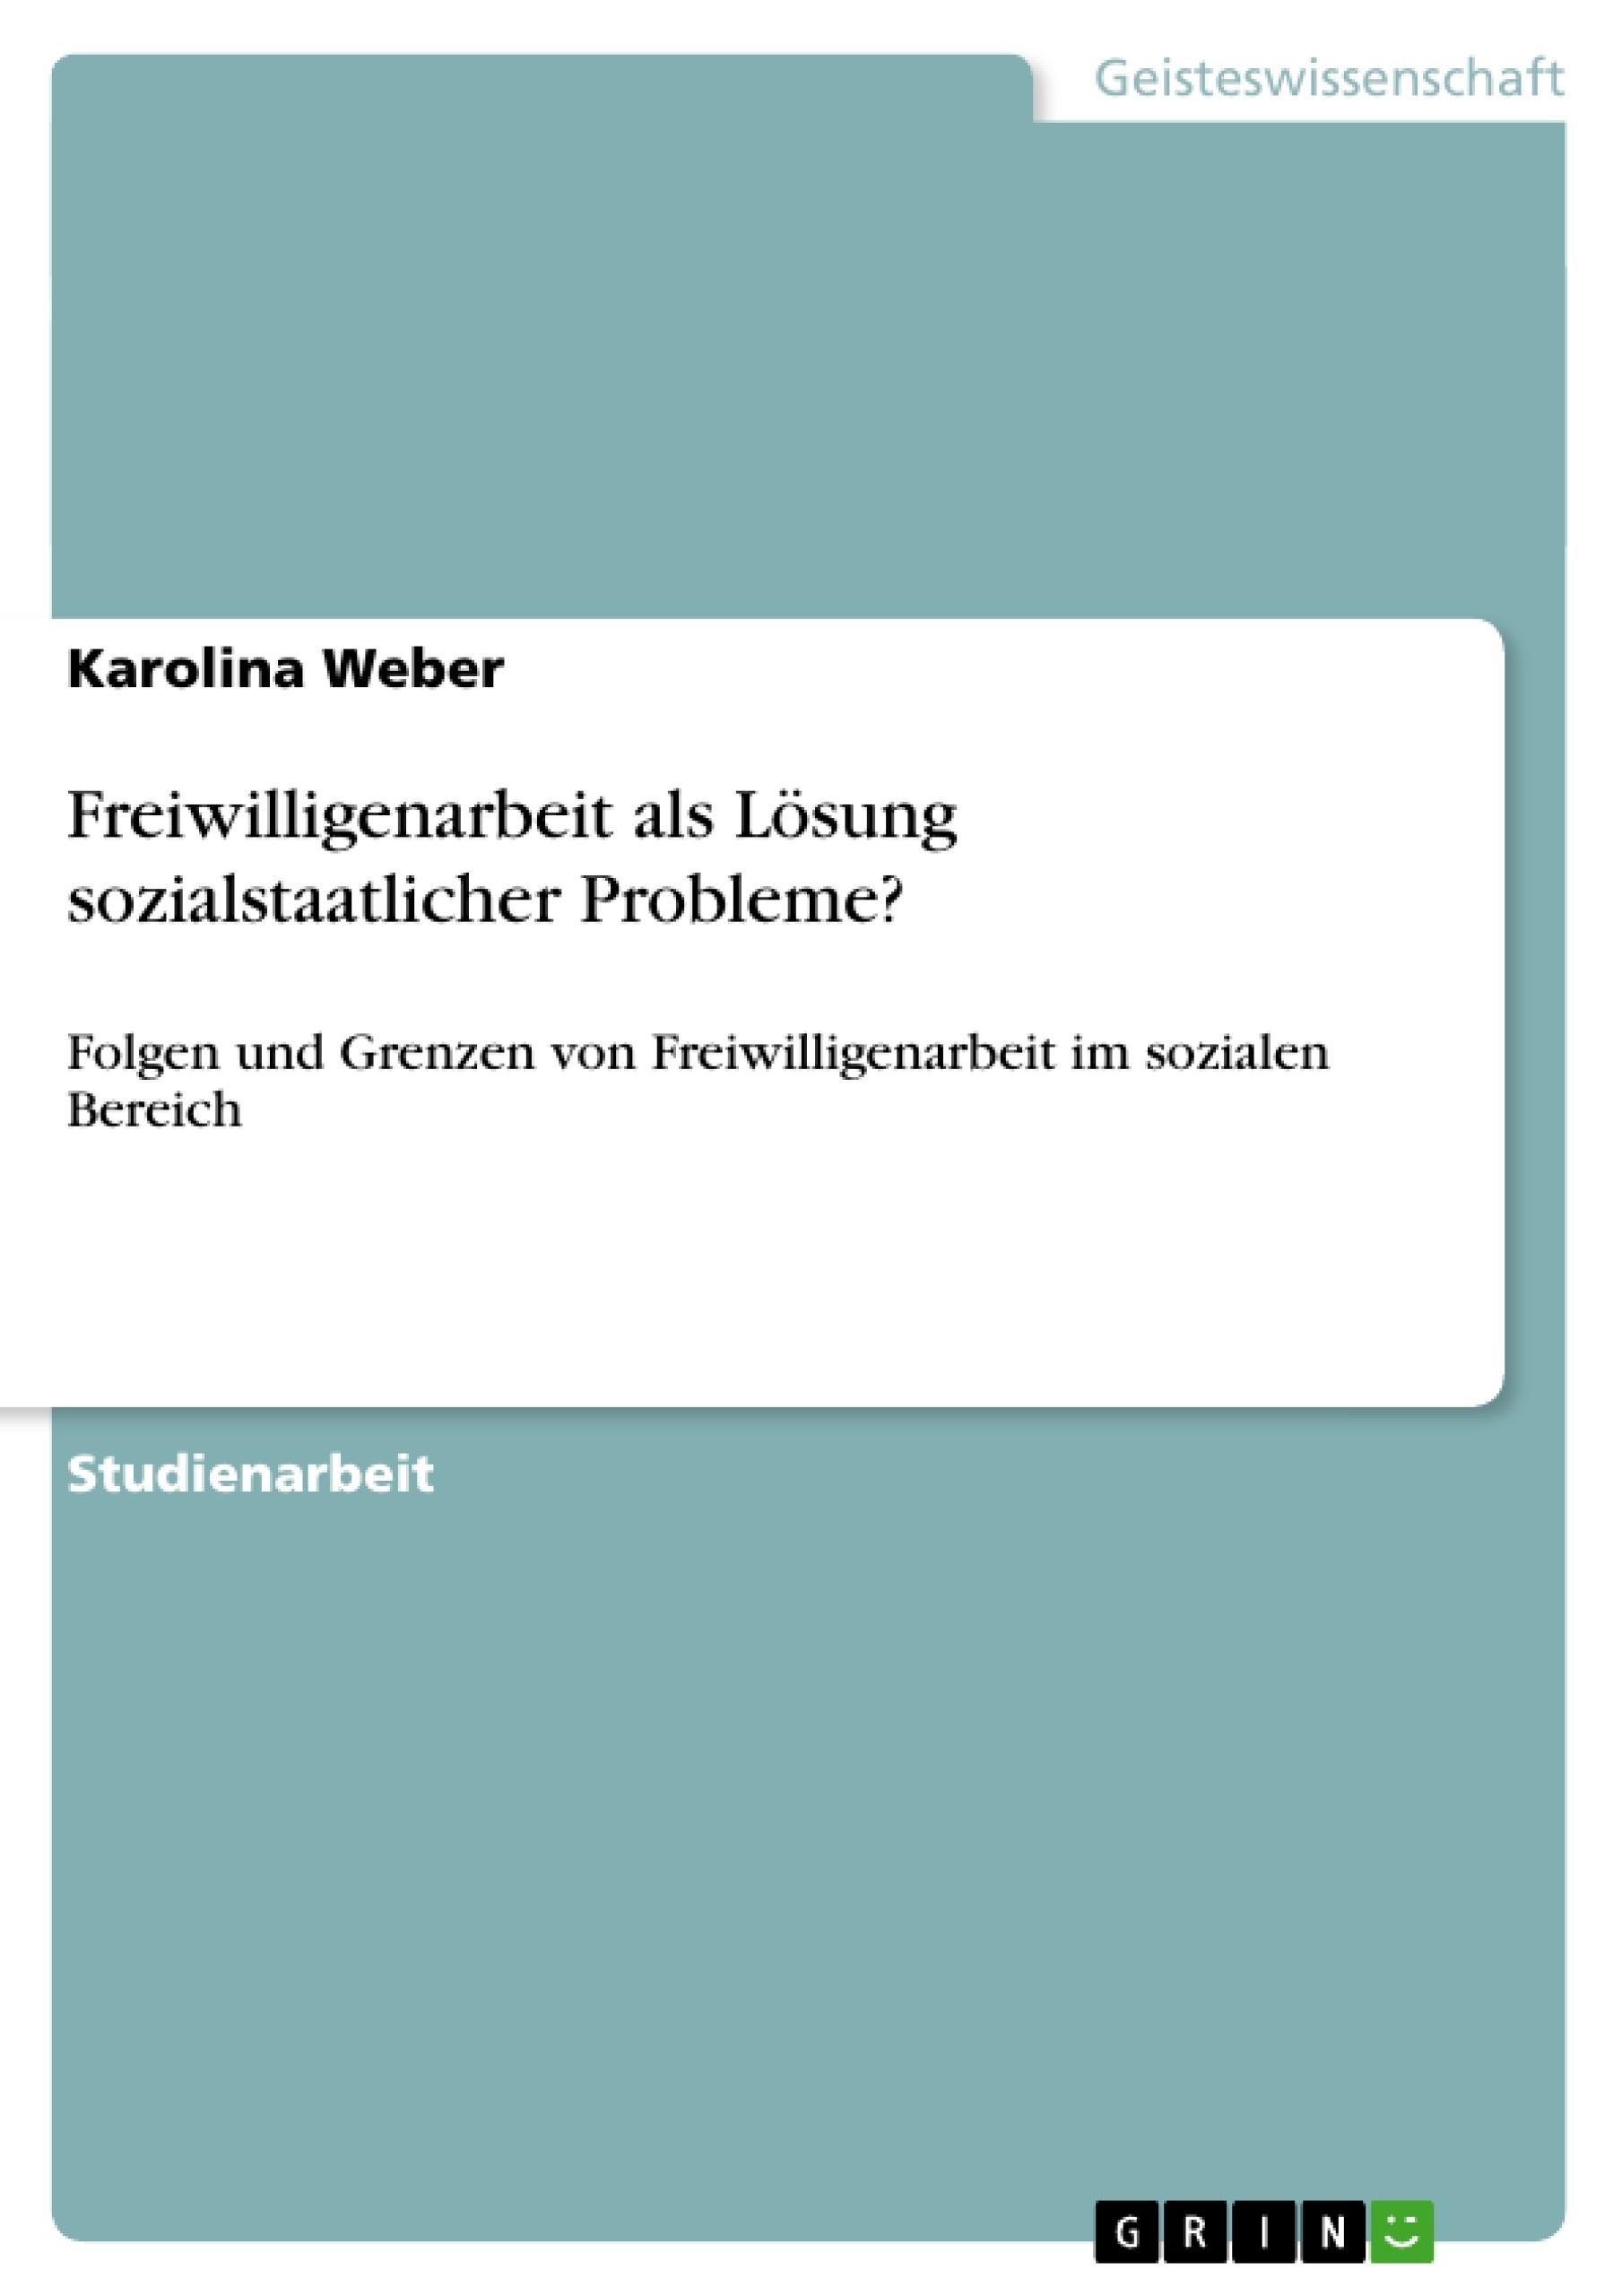 Titel: Freiwilligenarbeit als Lösung sozialstaatlicher Probleme?